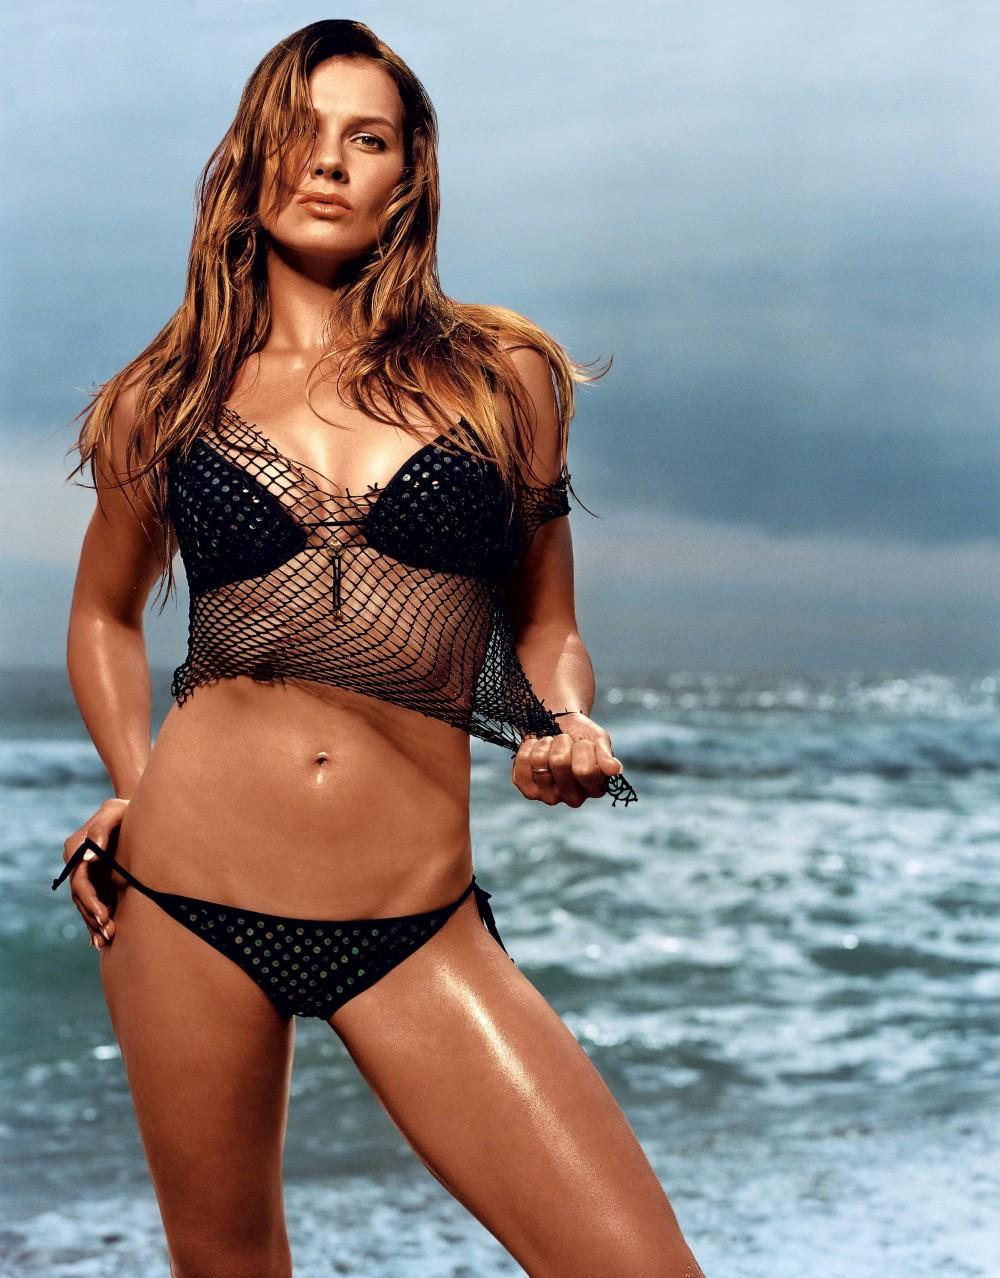 31 Hottest Female Athletes In Bikinis